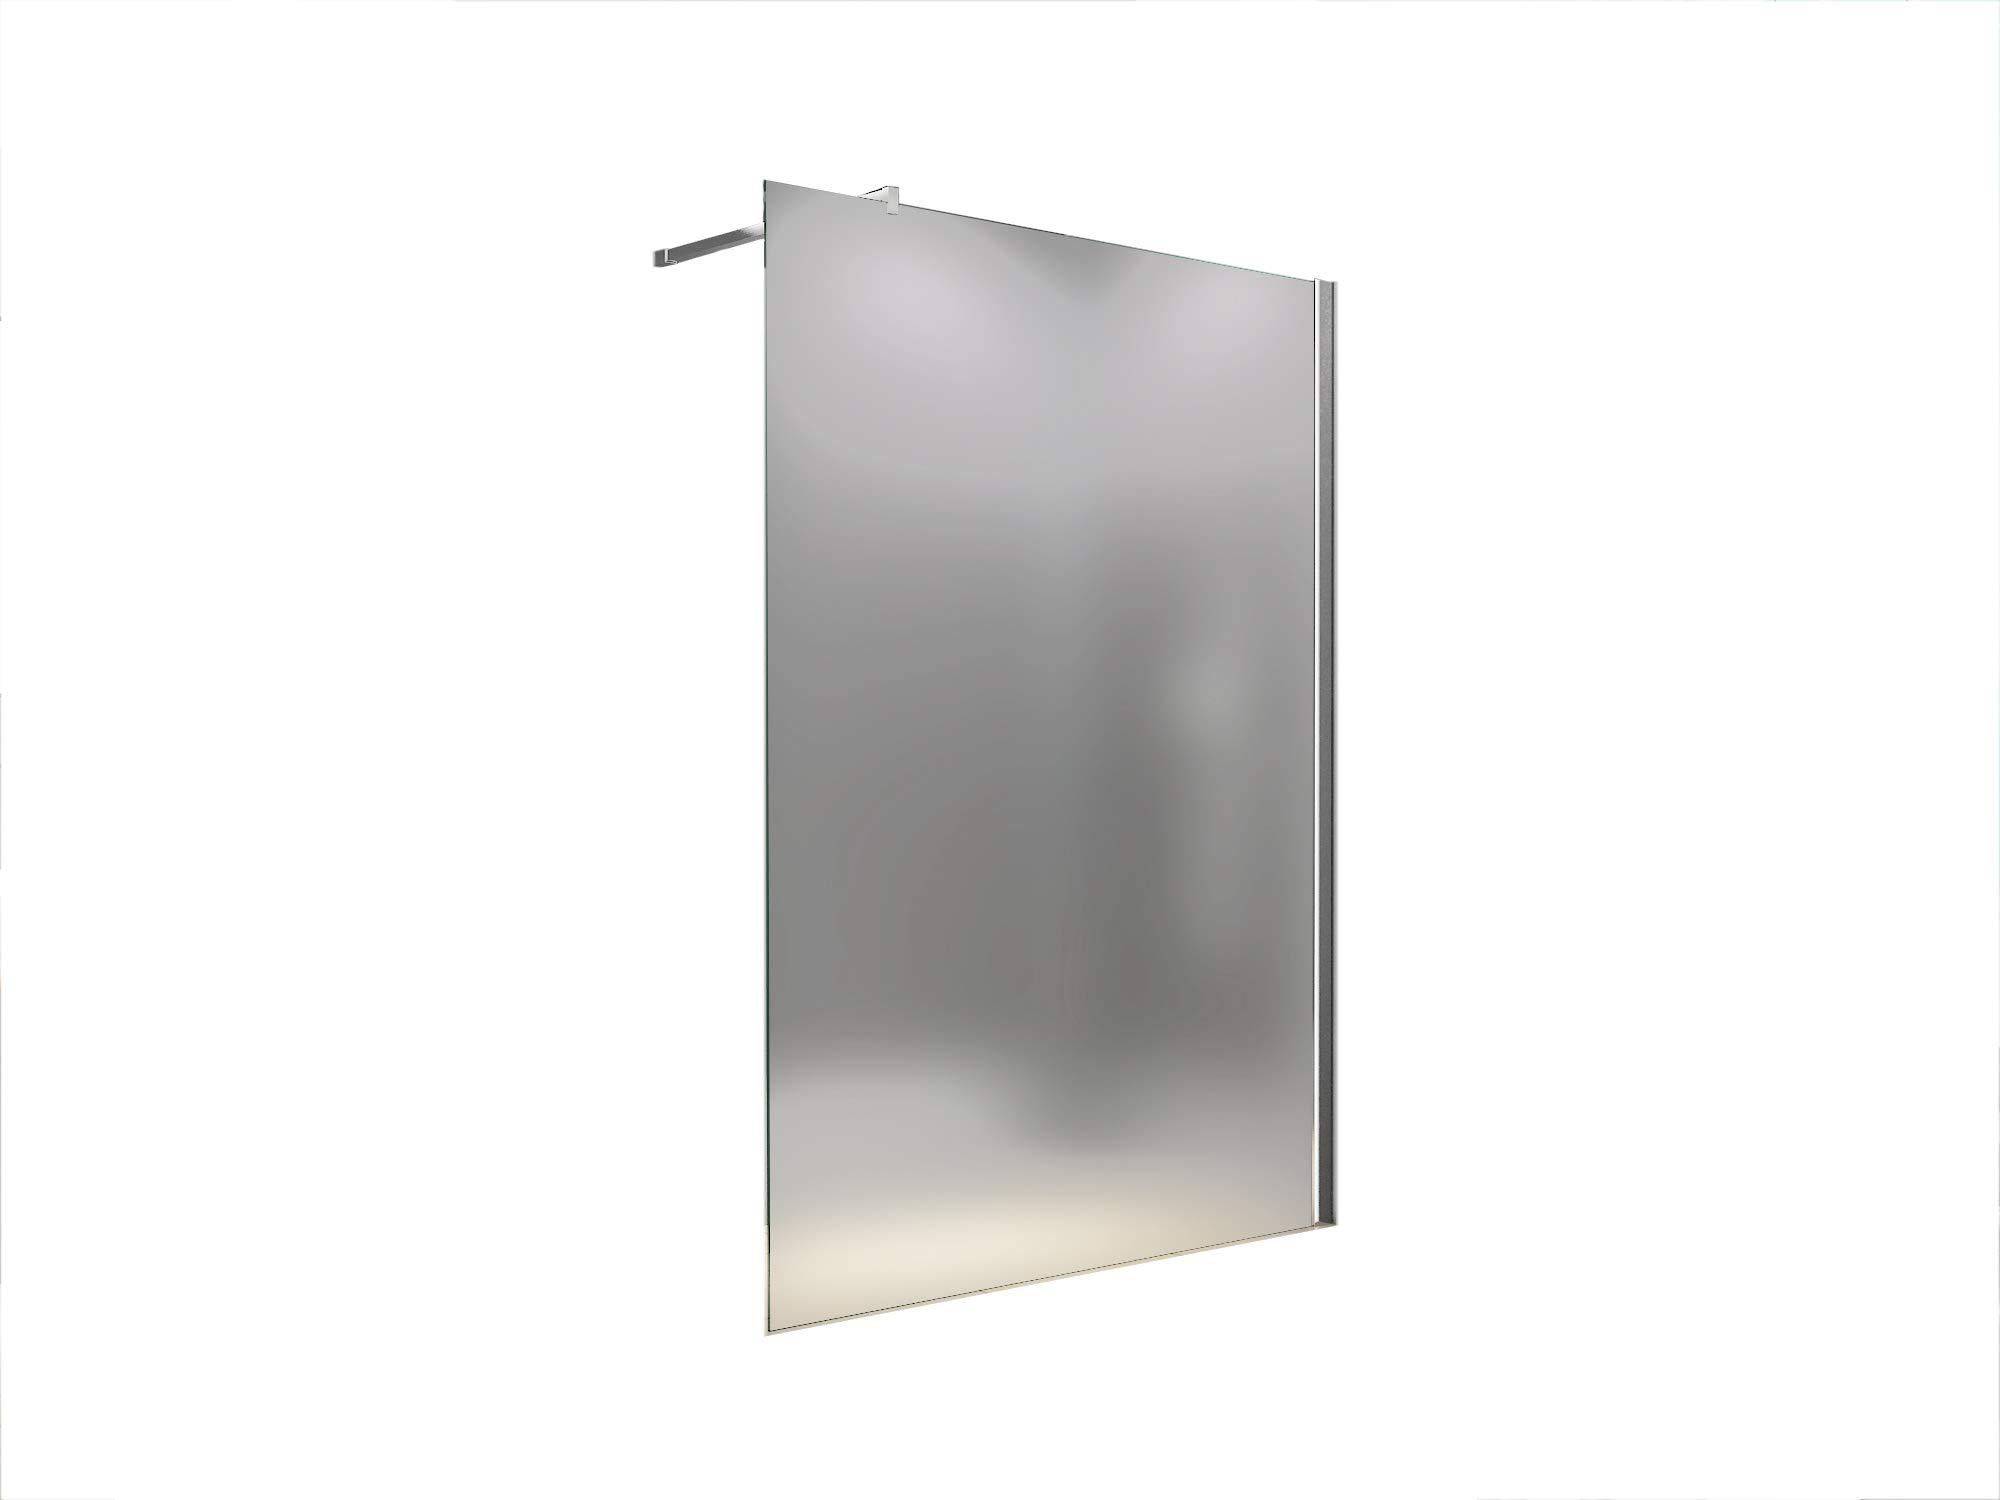 100 x 200 cm Cabina de ducha helada Lily, vidrio de leche, mampara de ducha, caminar-In Dusche, 10 mm vidrio de seguridad ESG: Amazon.es: Bricolaje y herramientas